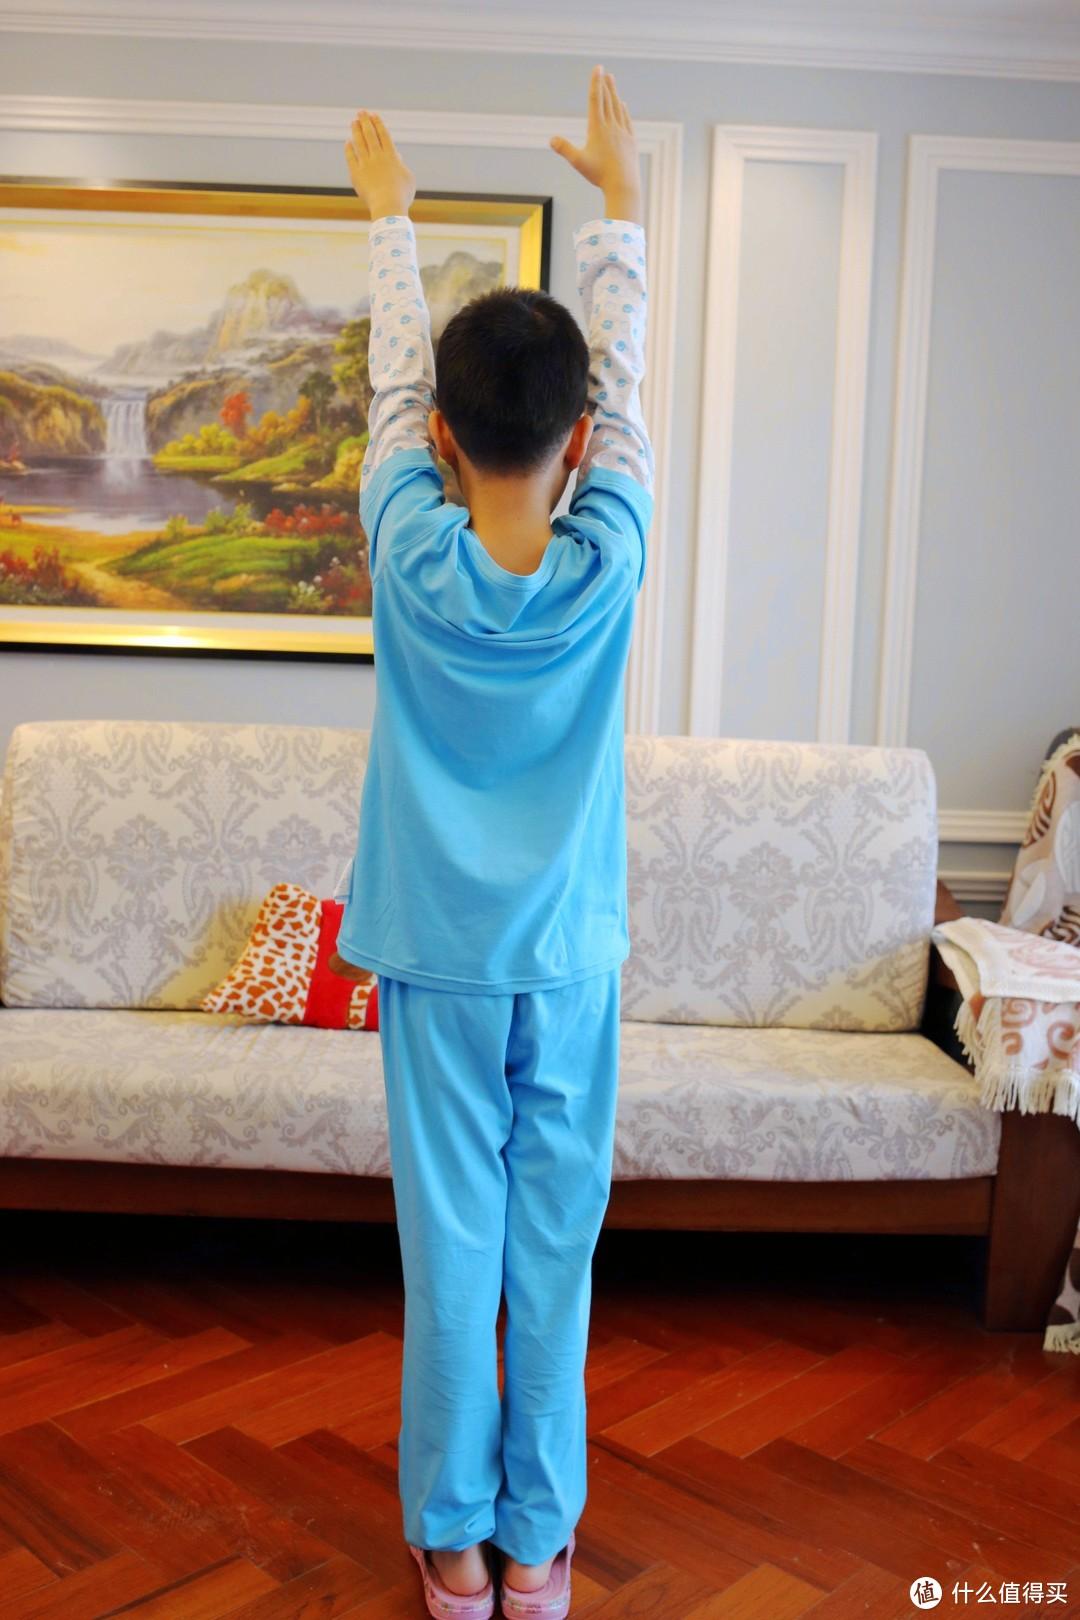 吸湿排汗,柔软舒适,小蓝象儿童排汗内衣全体验